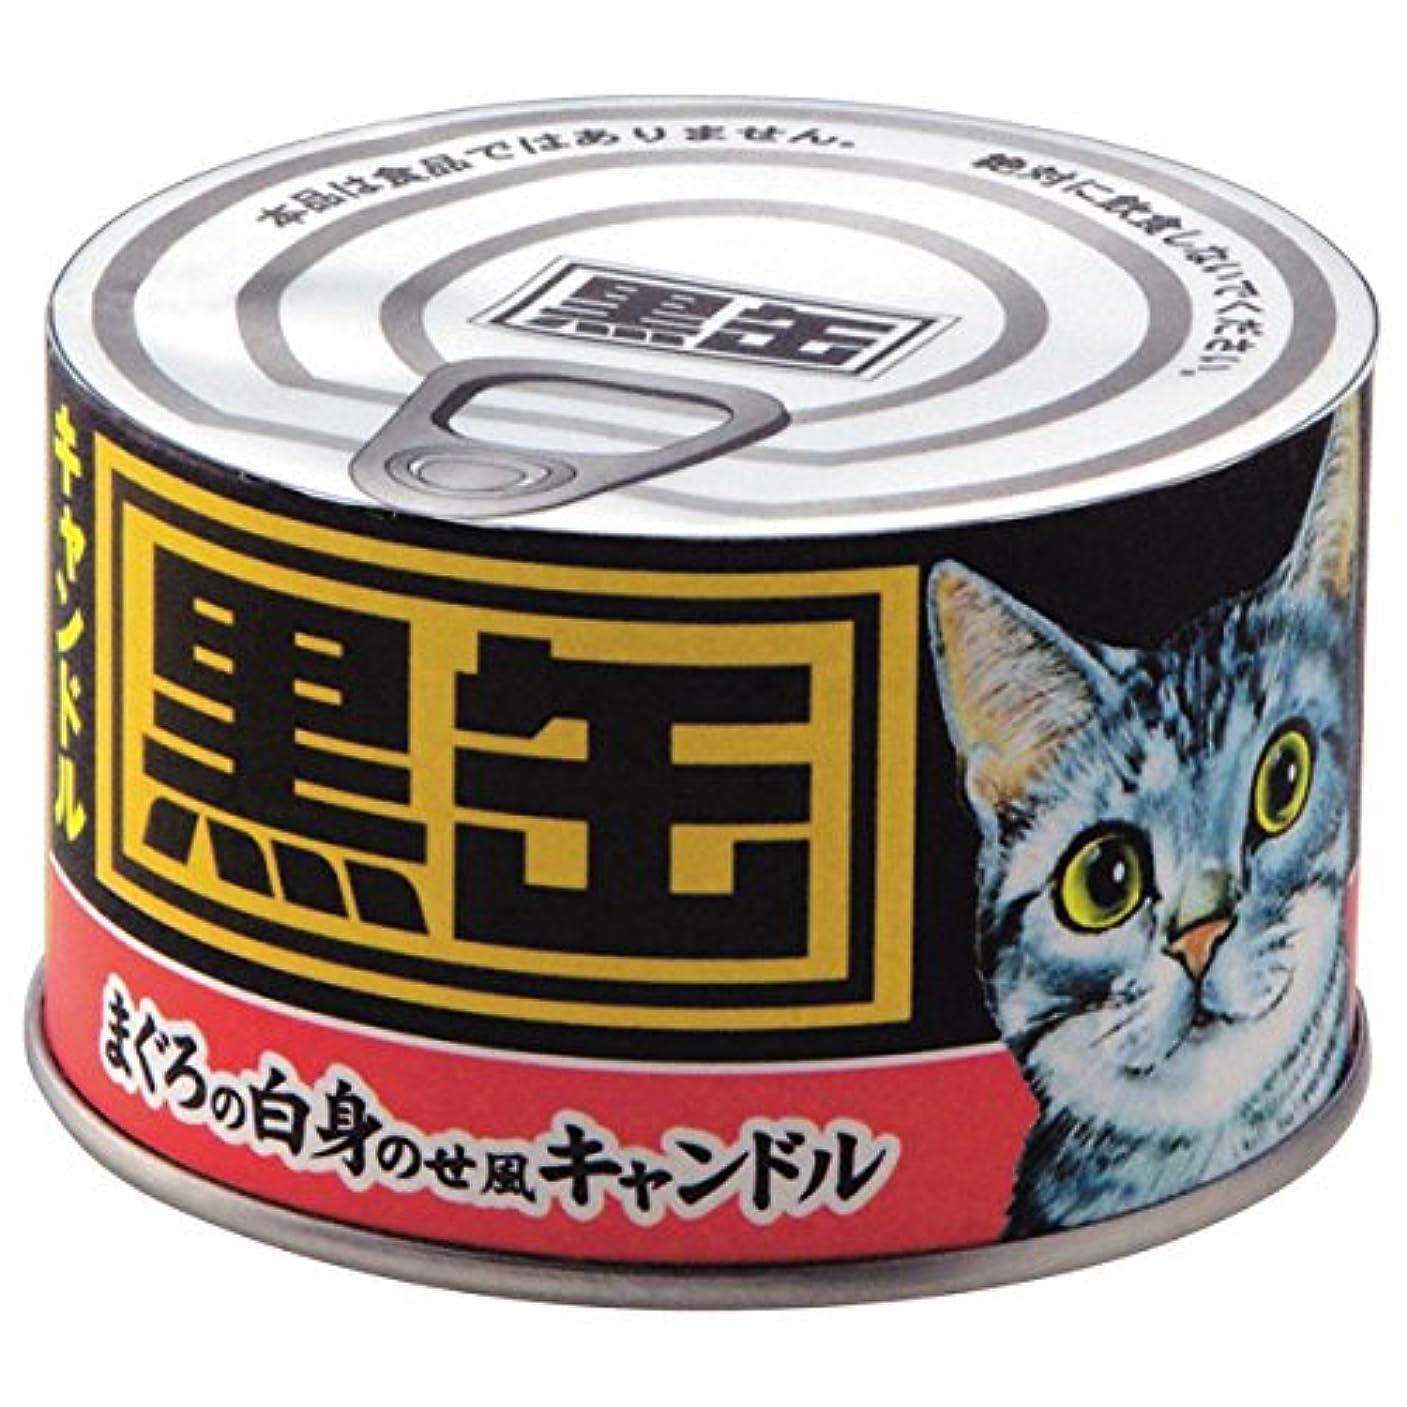 説得力のある引退する是正するカメヤマ黒缶キャンドル